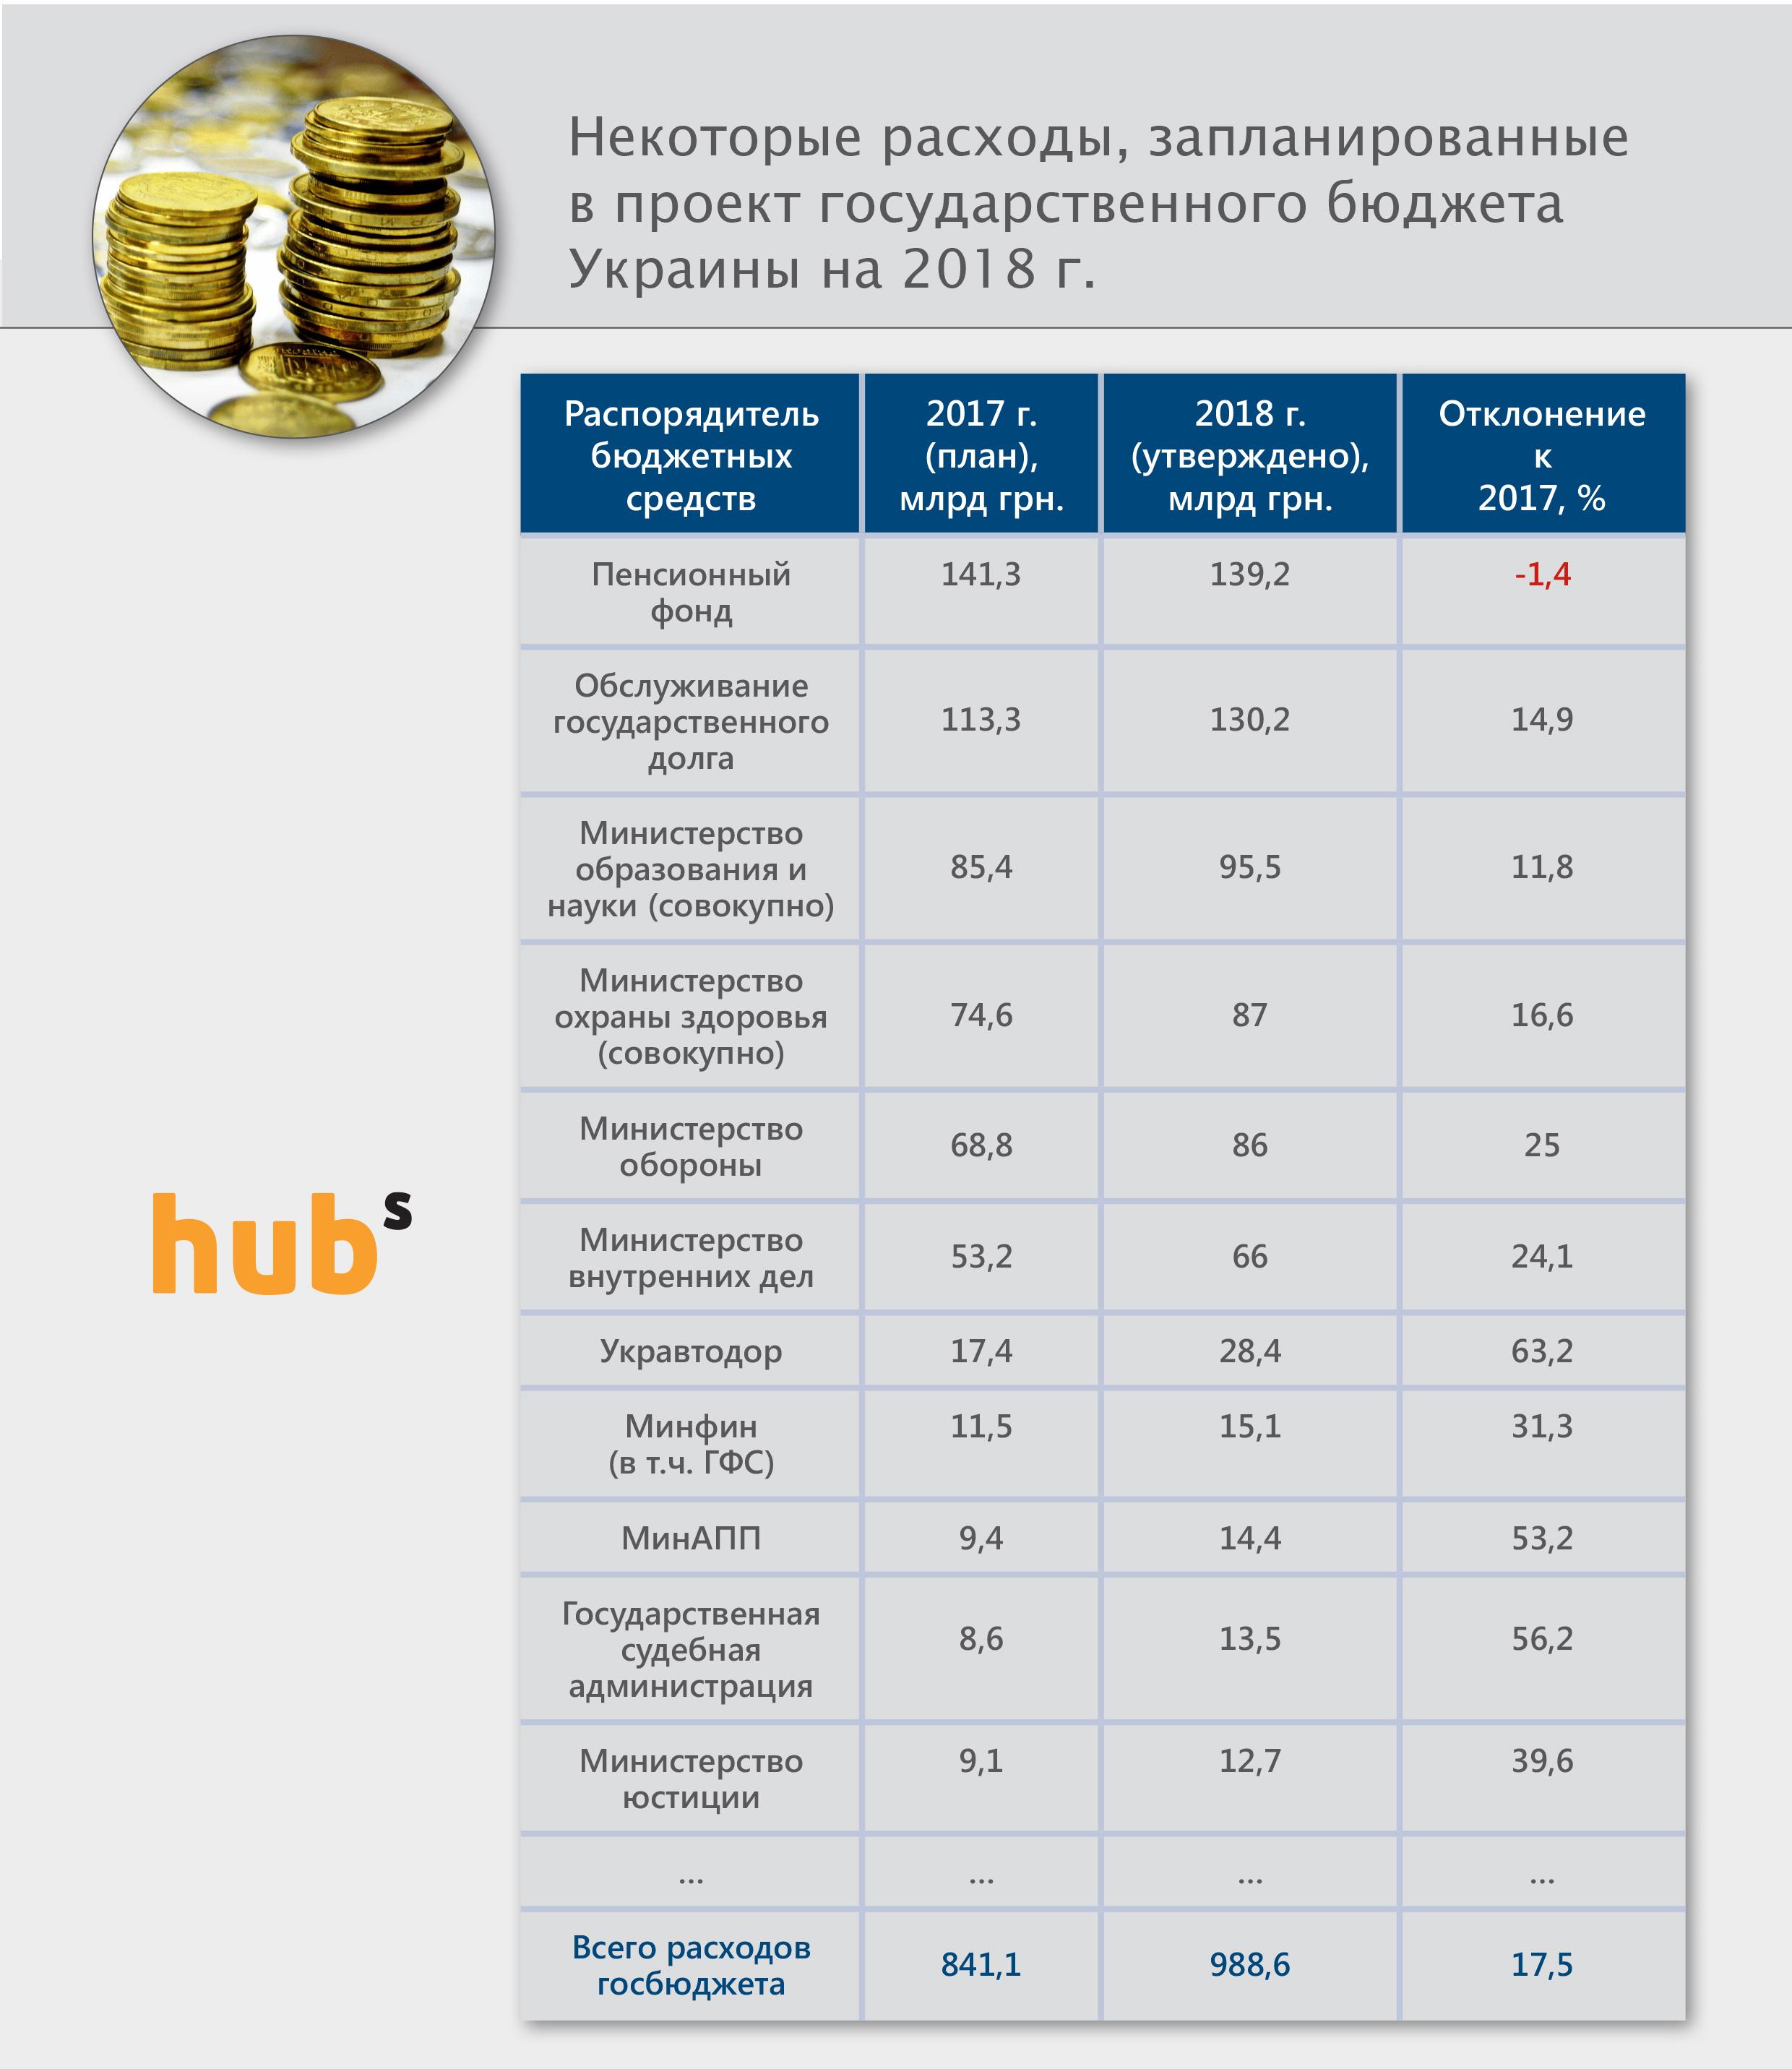 statti_rashodov_budget_2018